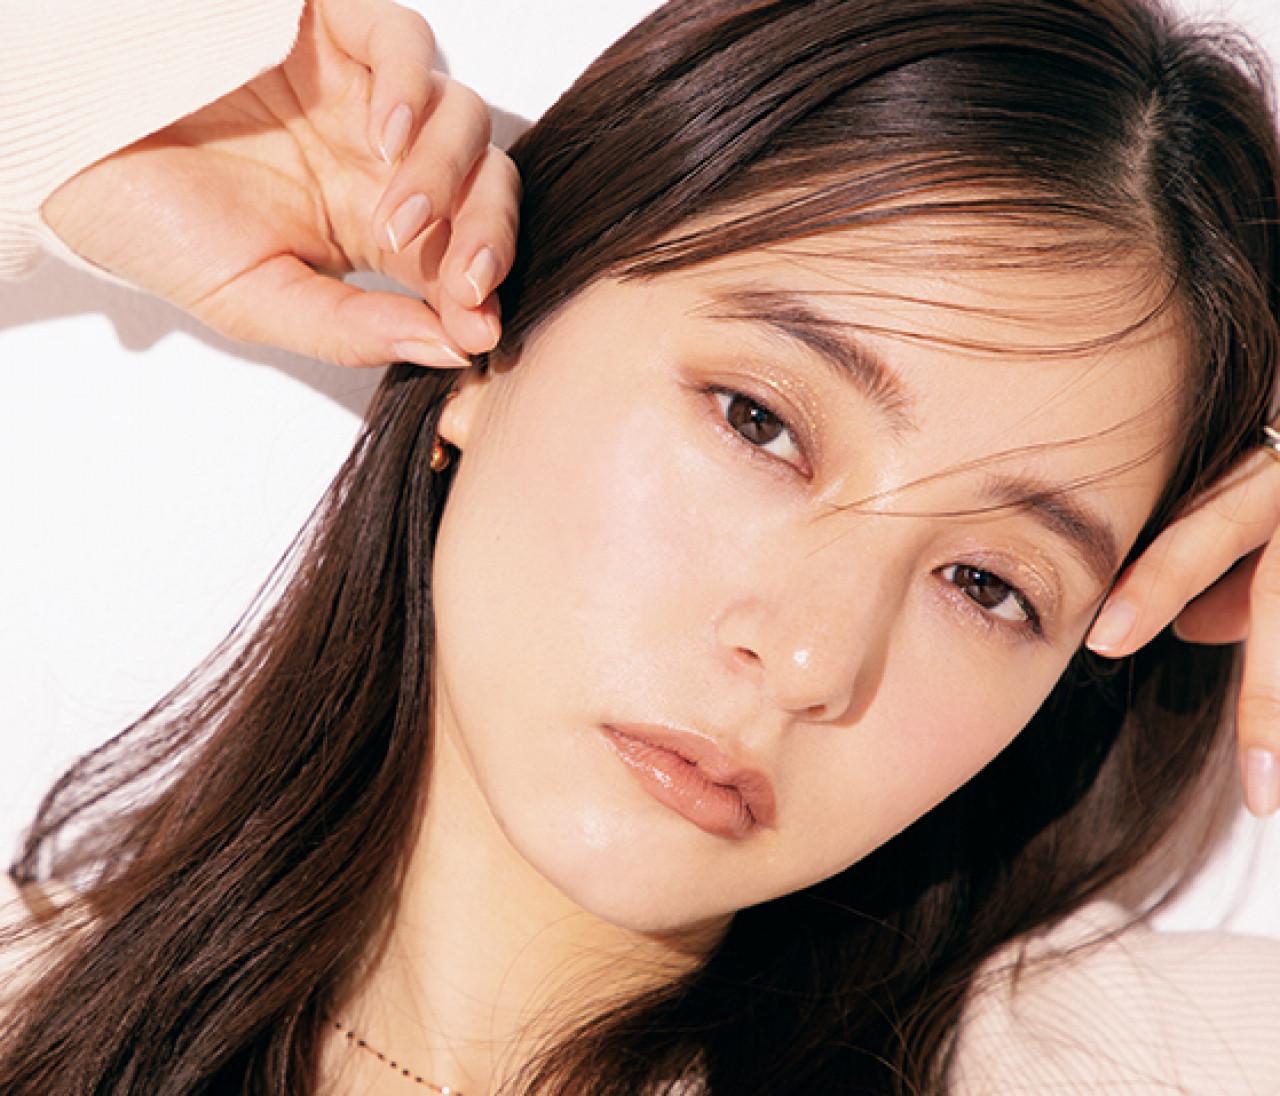 【新木優子】春の大人アイメイク、グリッターの輝きをプラスするなら?アイシャドウ編